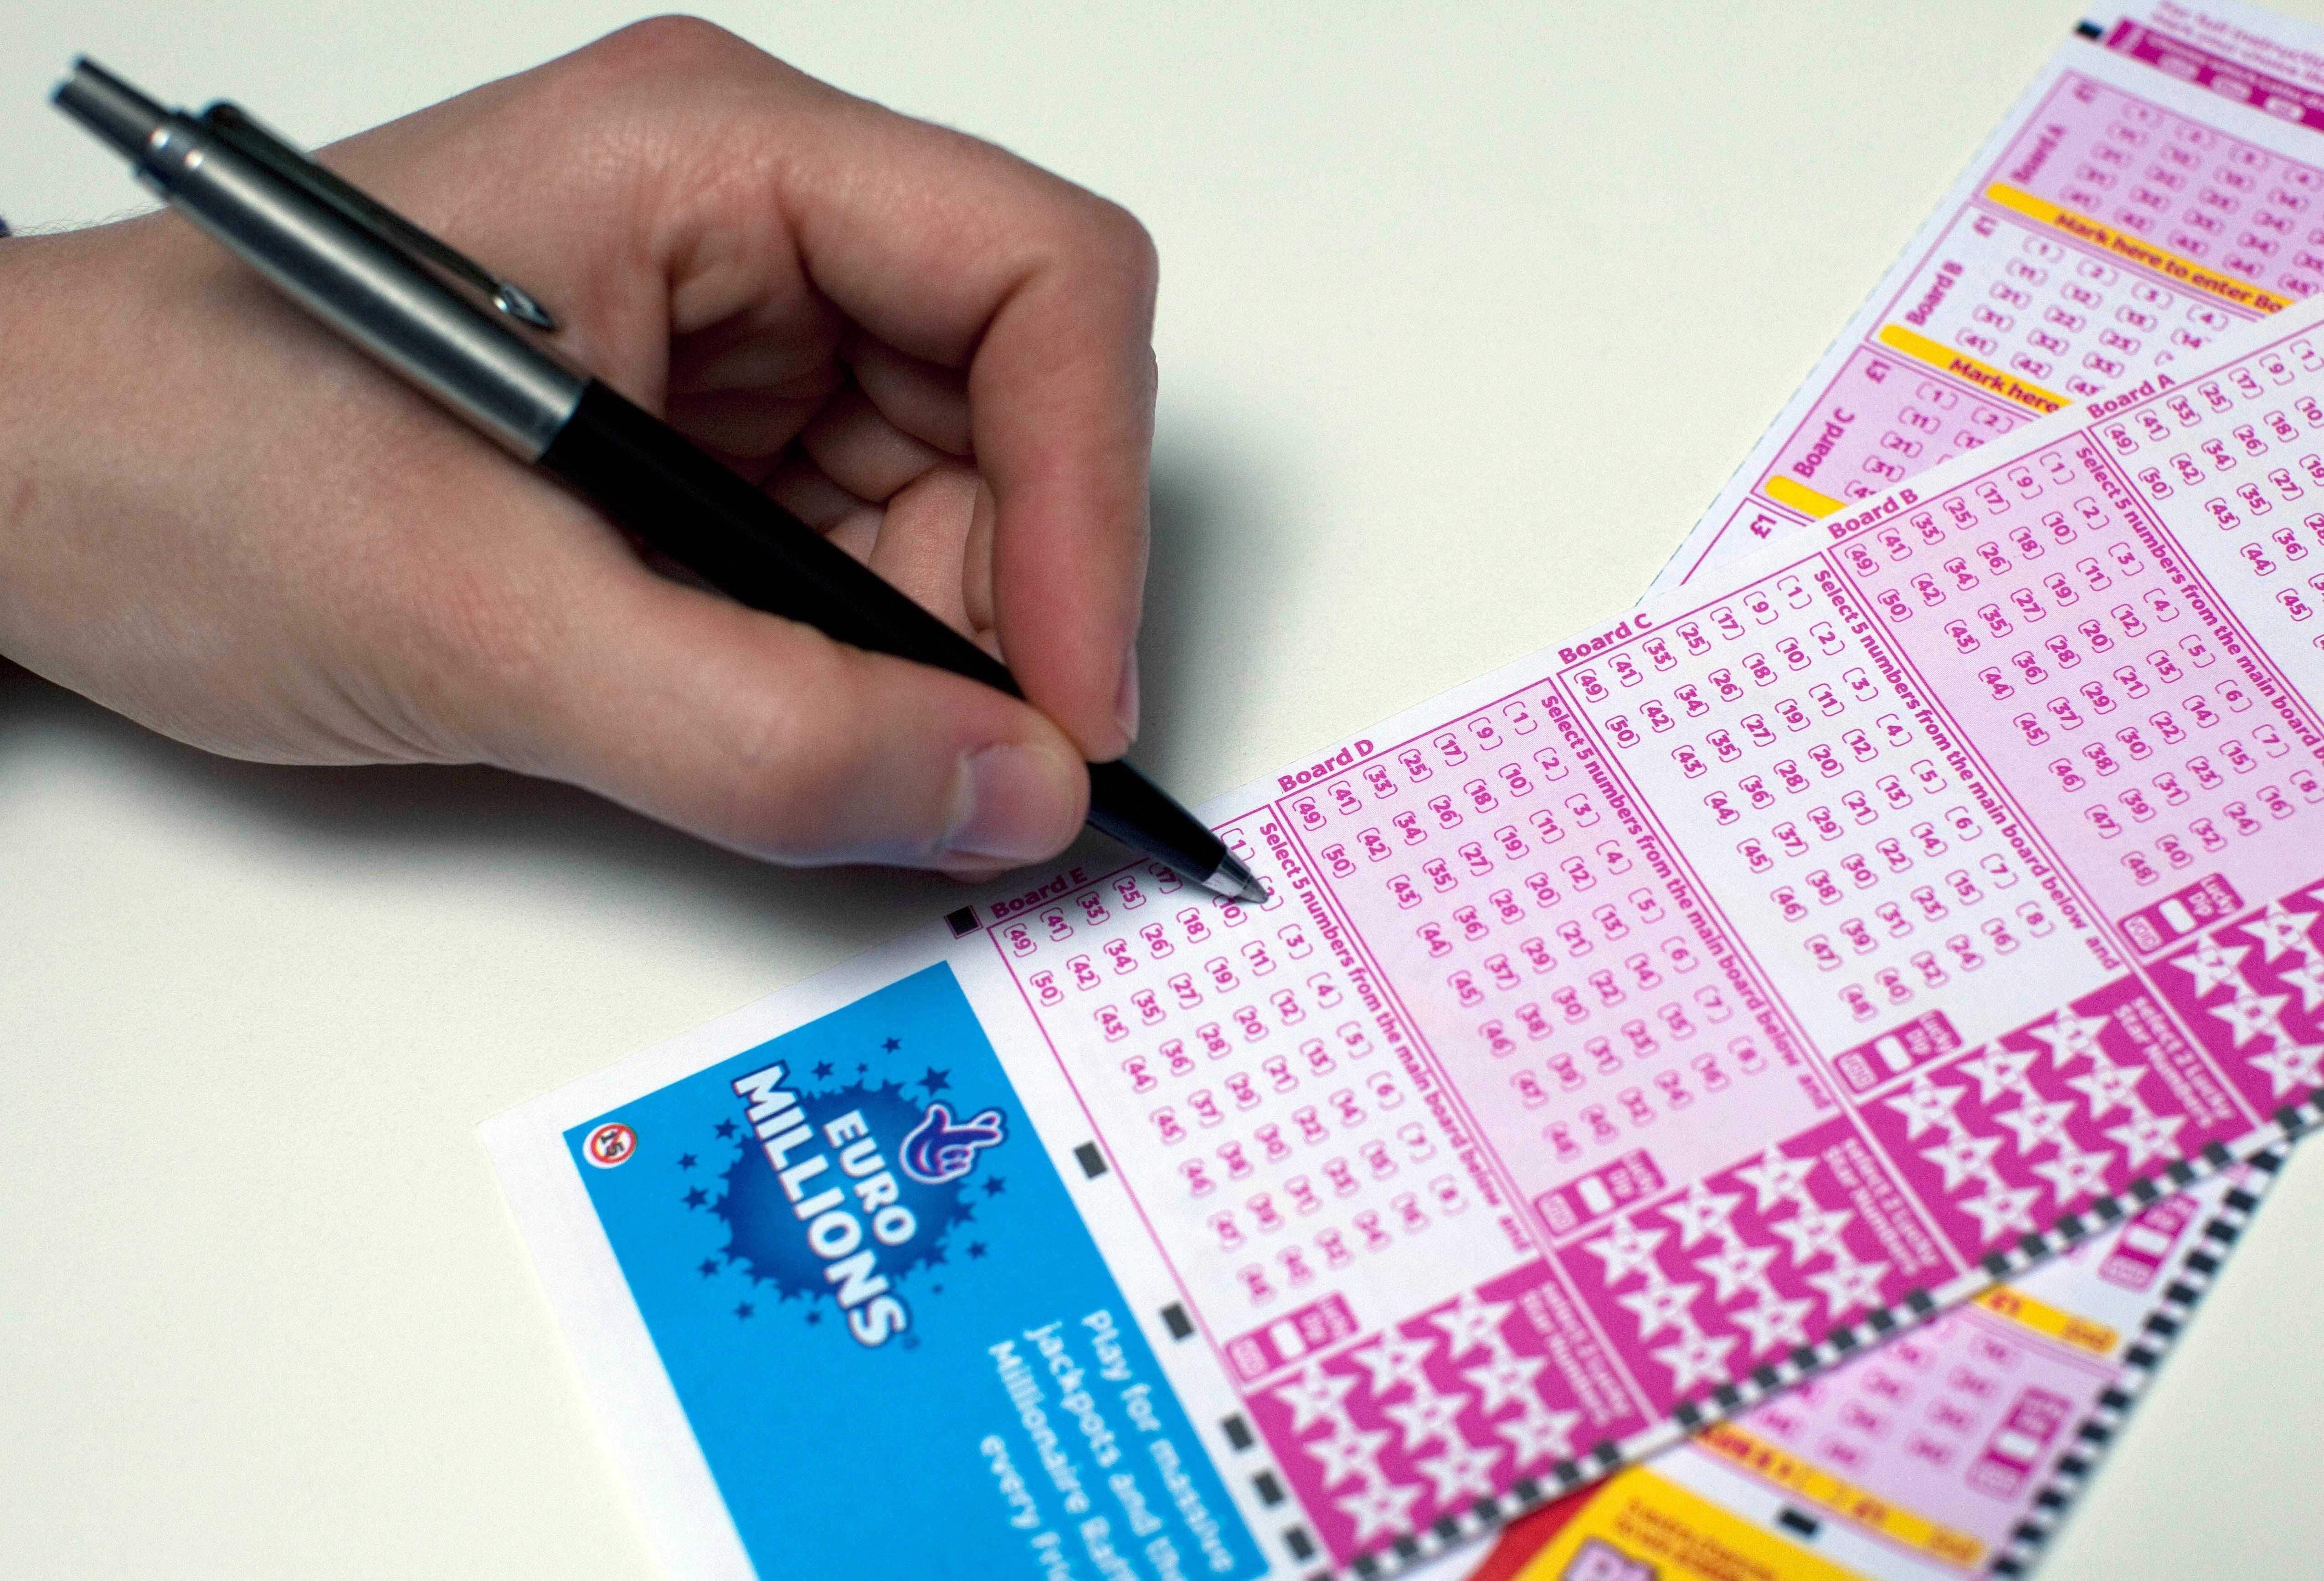 Østerrikske lotteri euromillioner (5 из 50 + 2 av 12)